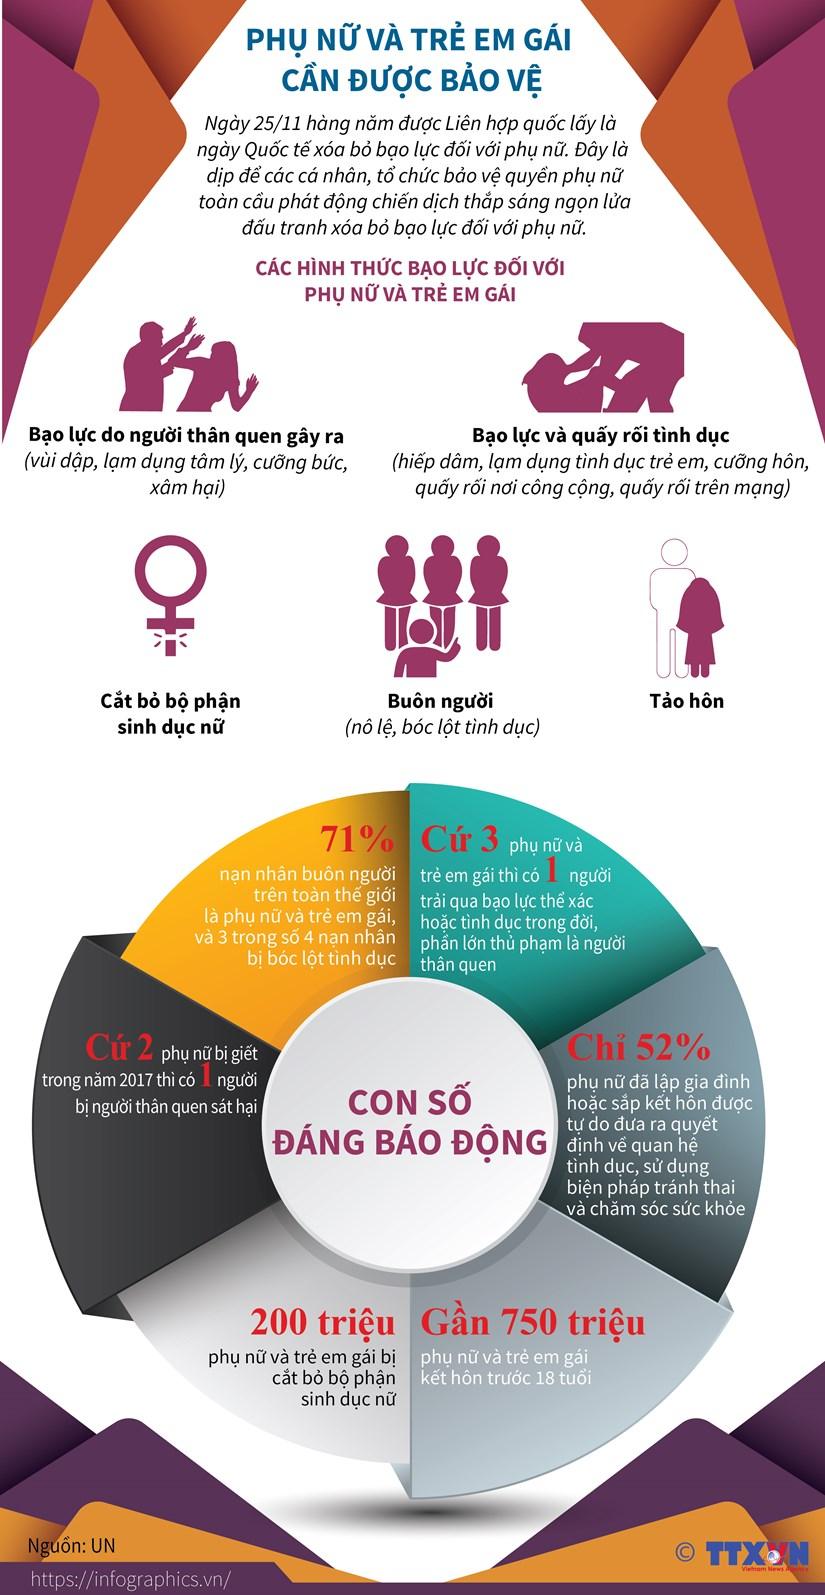 [Infographics] Phu nu va tre em gai can duoc bao ve hinh anh 1